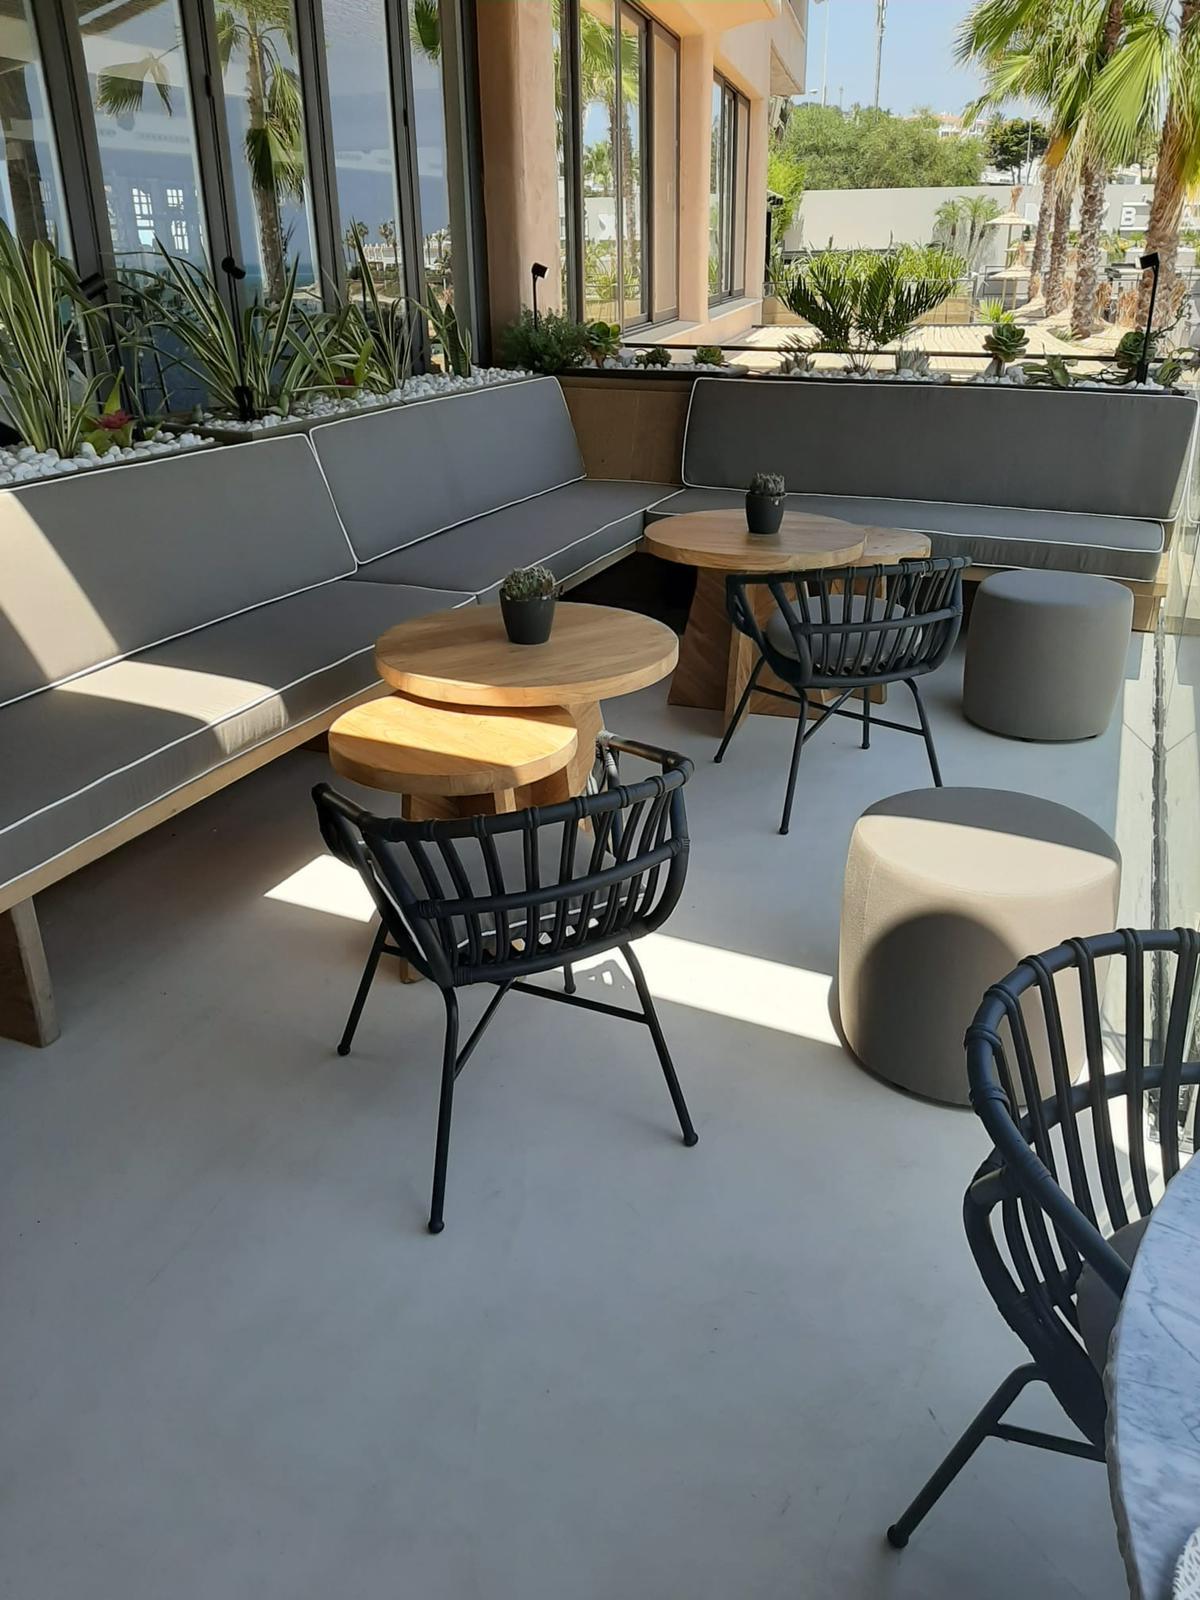 Terraza exterior restaurante hotel Málaga con microcemento en suelo